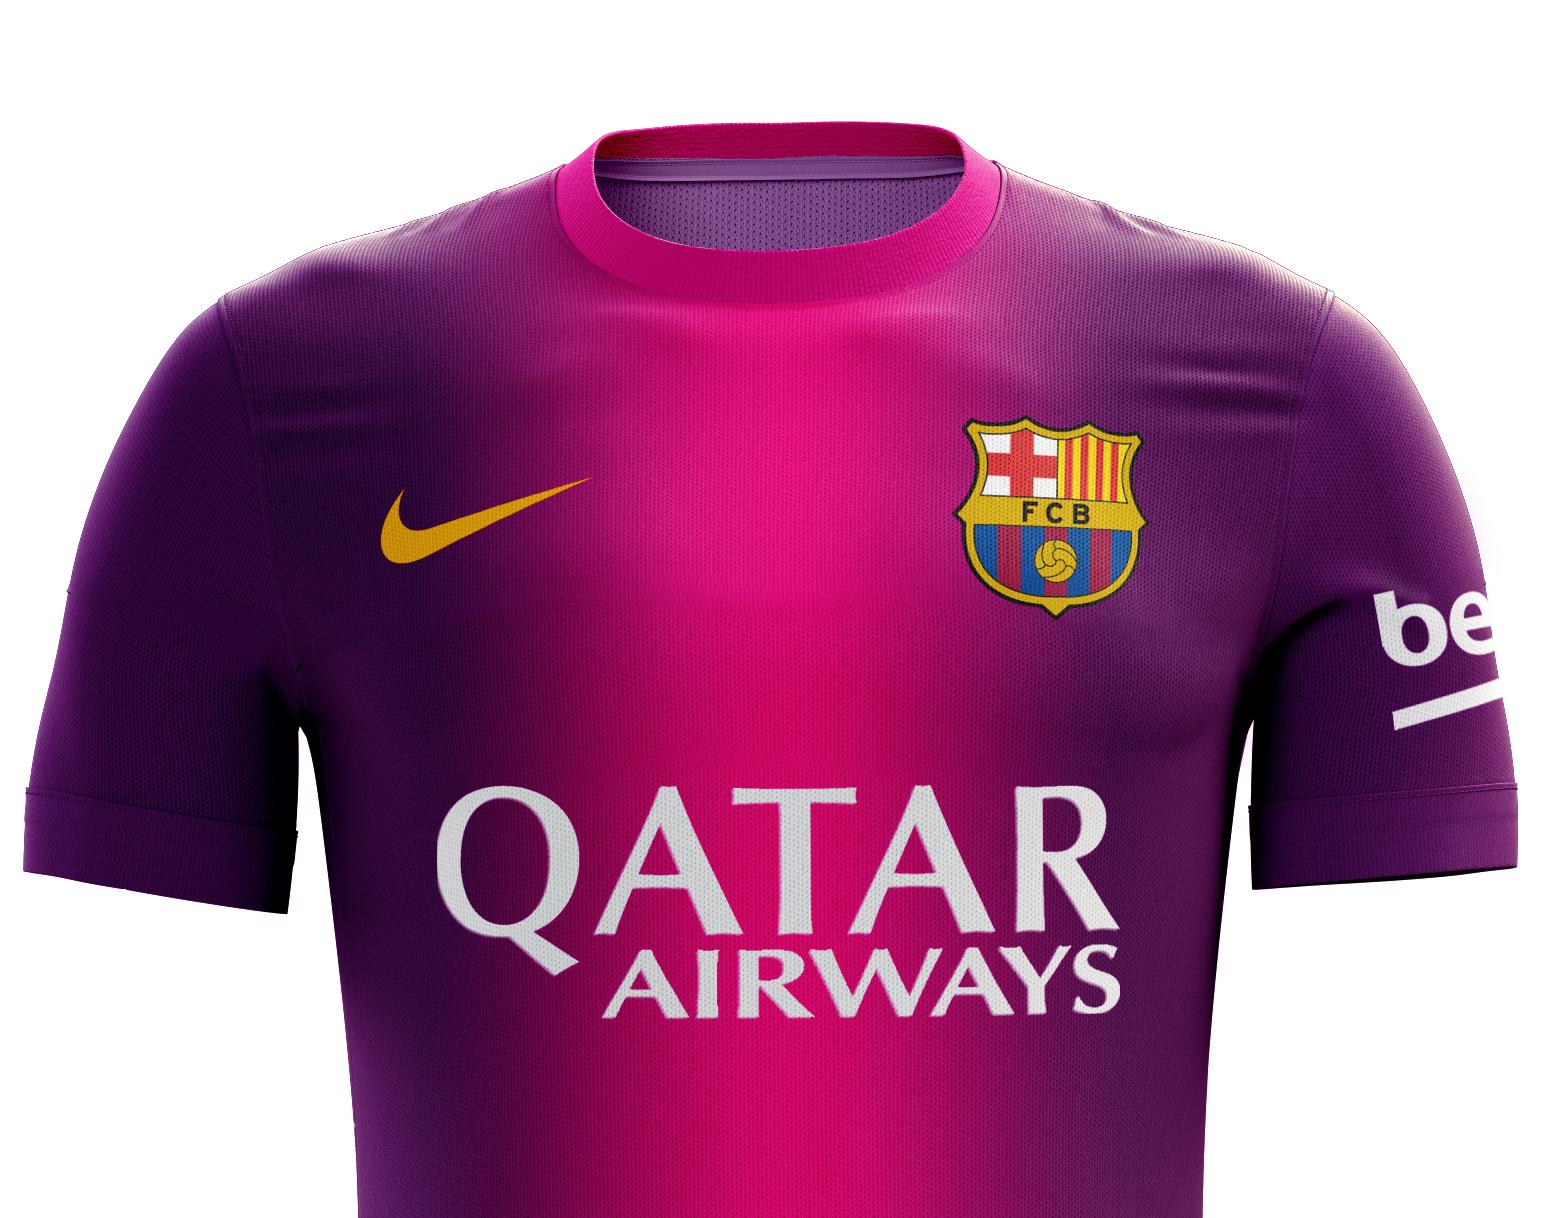 official photos 9194c f8e0a Fc Barcelona Football Kit 16/17. on Behance